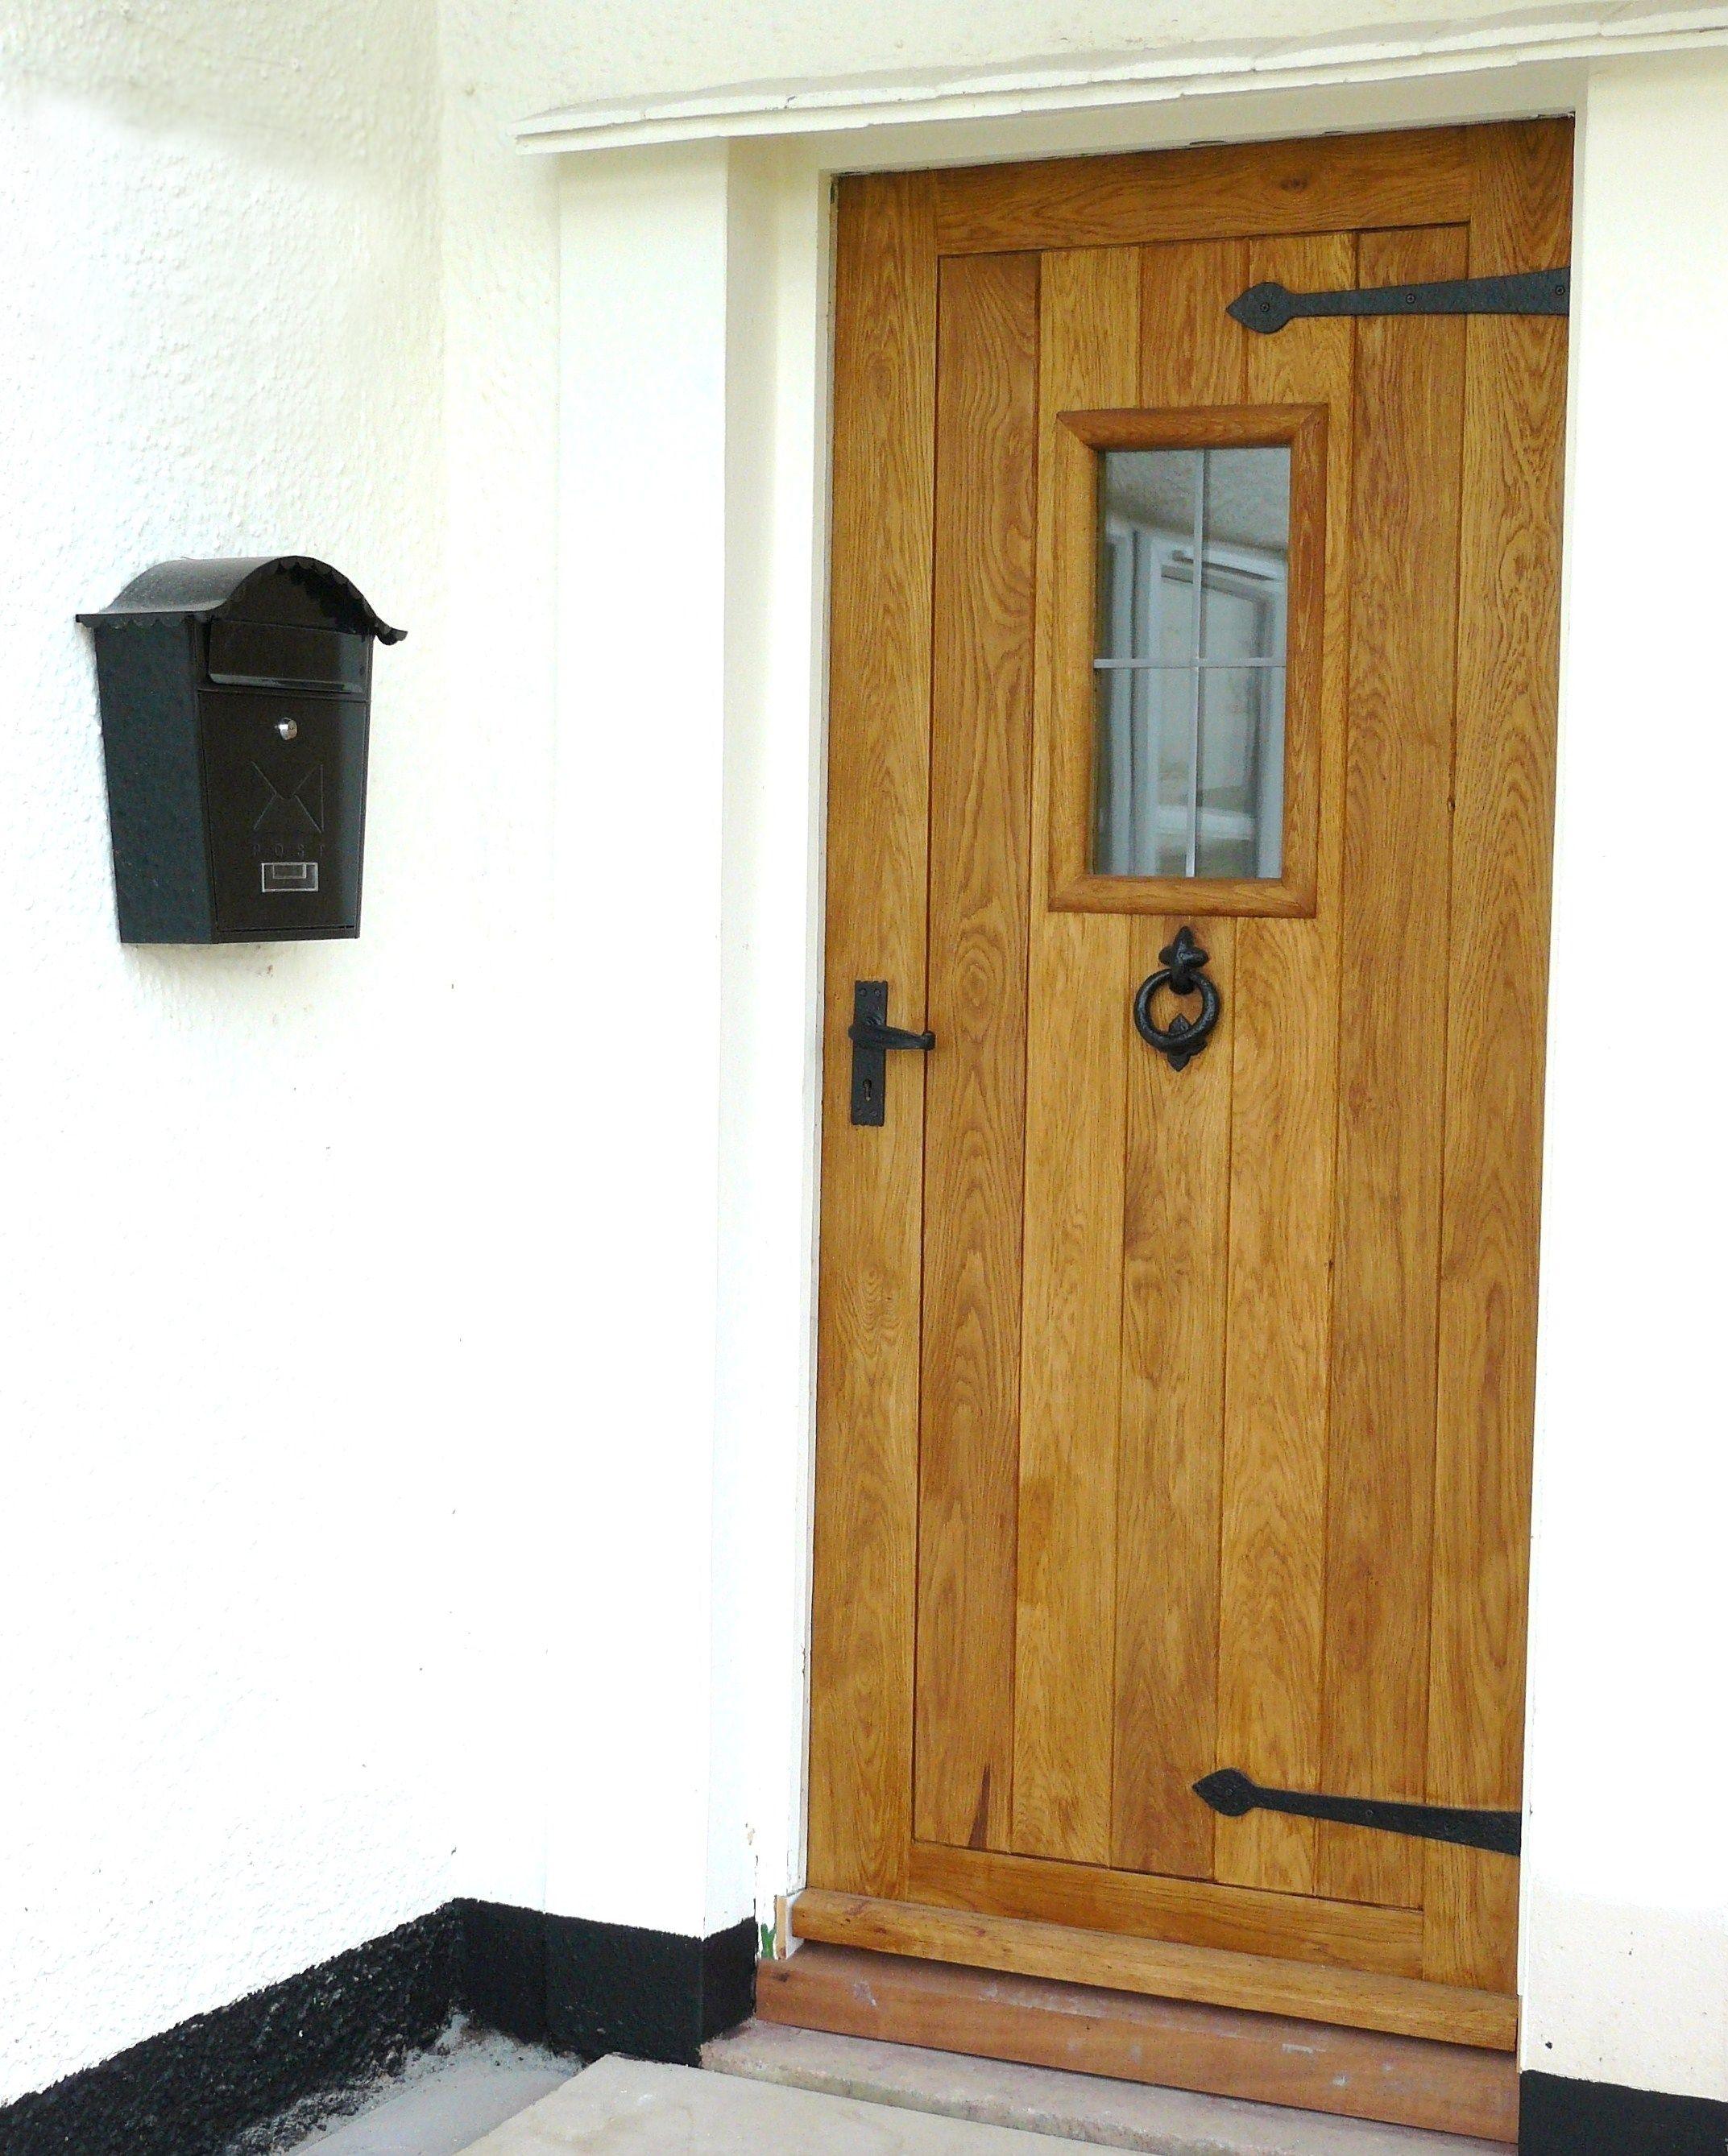 OX-Bow External Solid Oak Door | Fenster und türen, Türen und Fenster